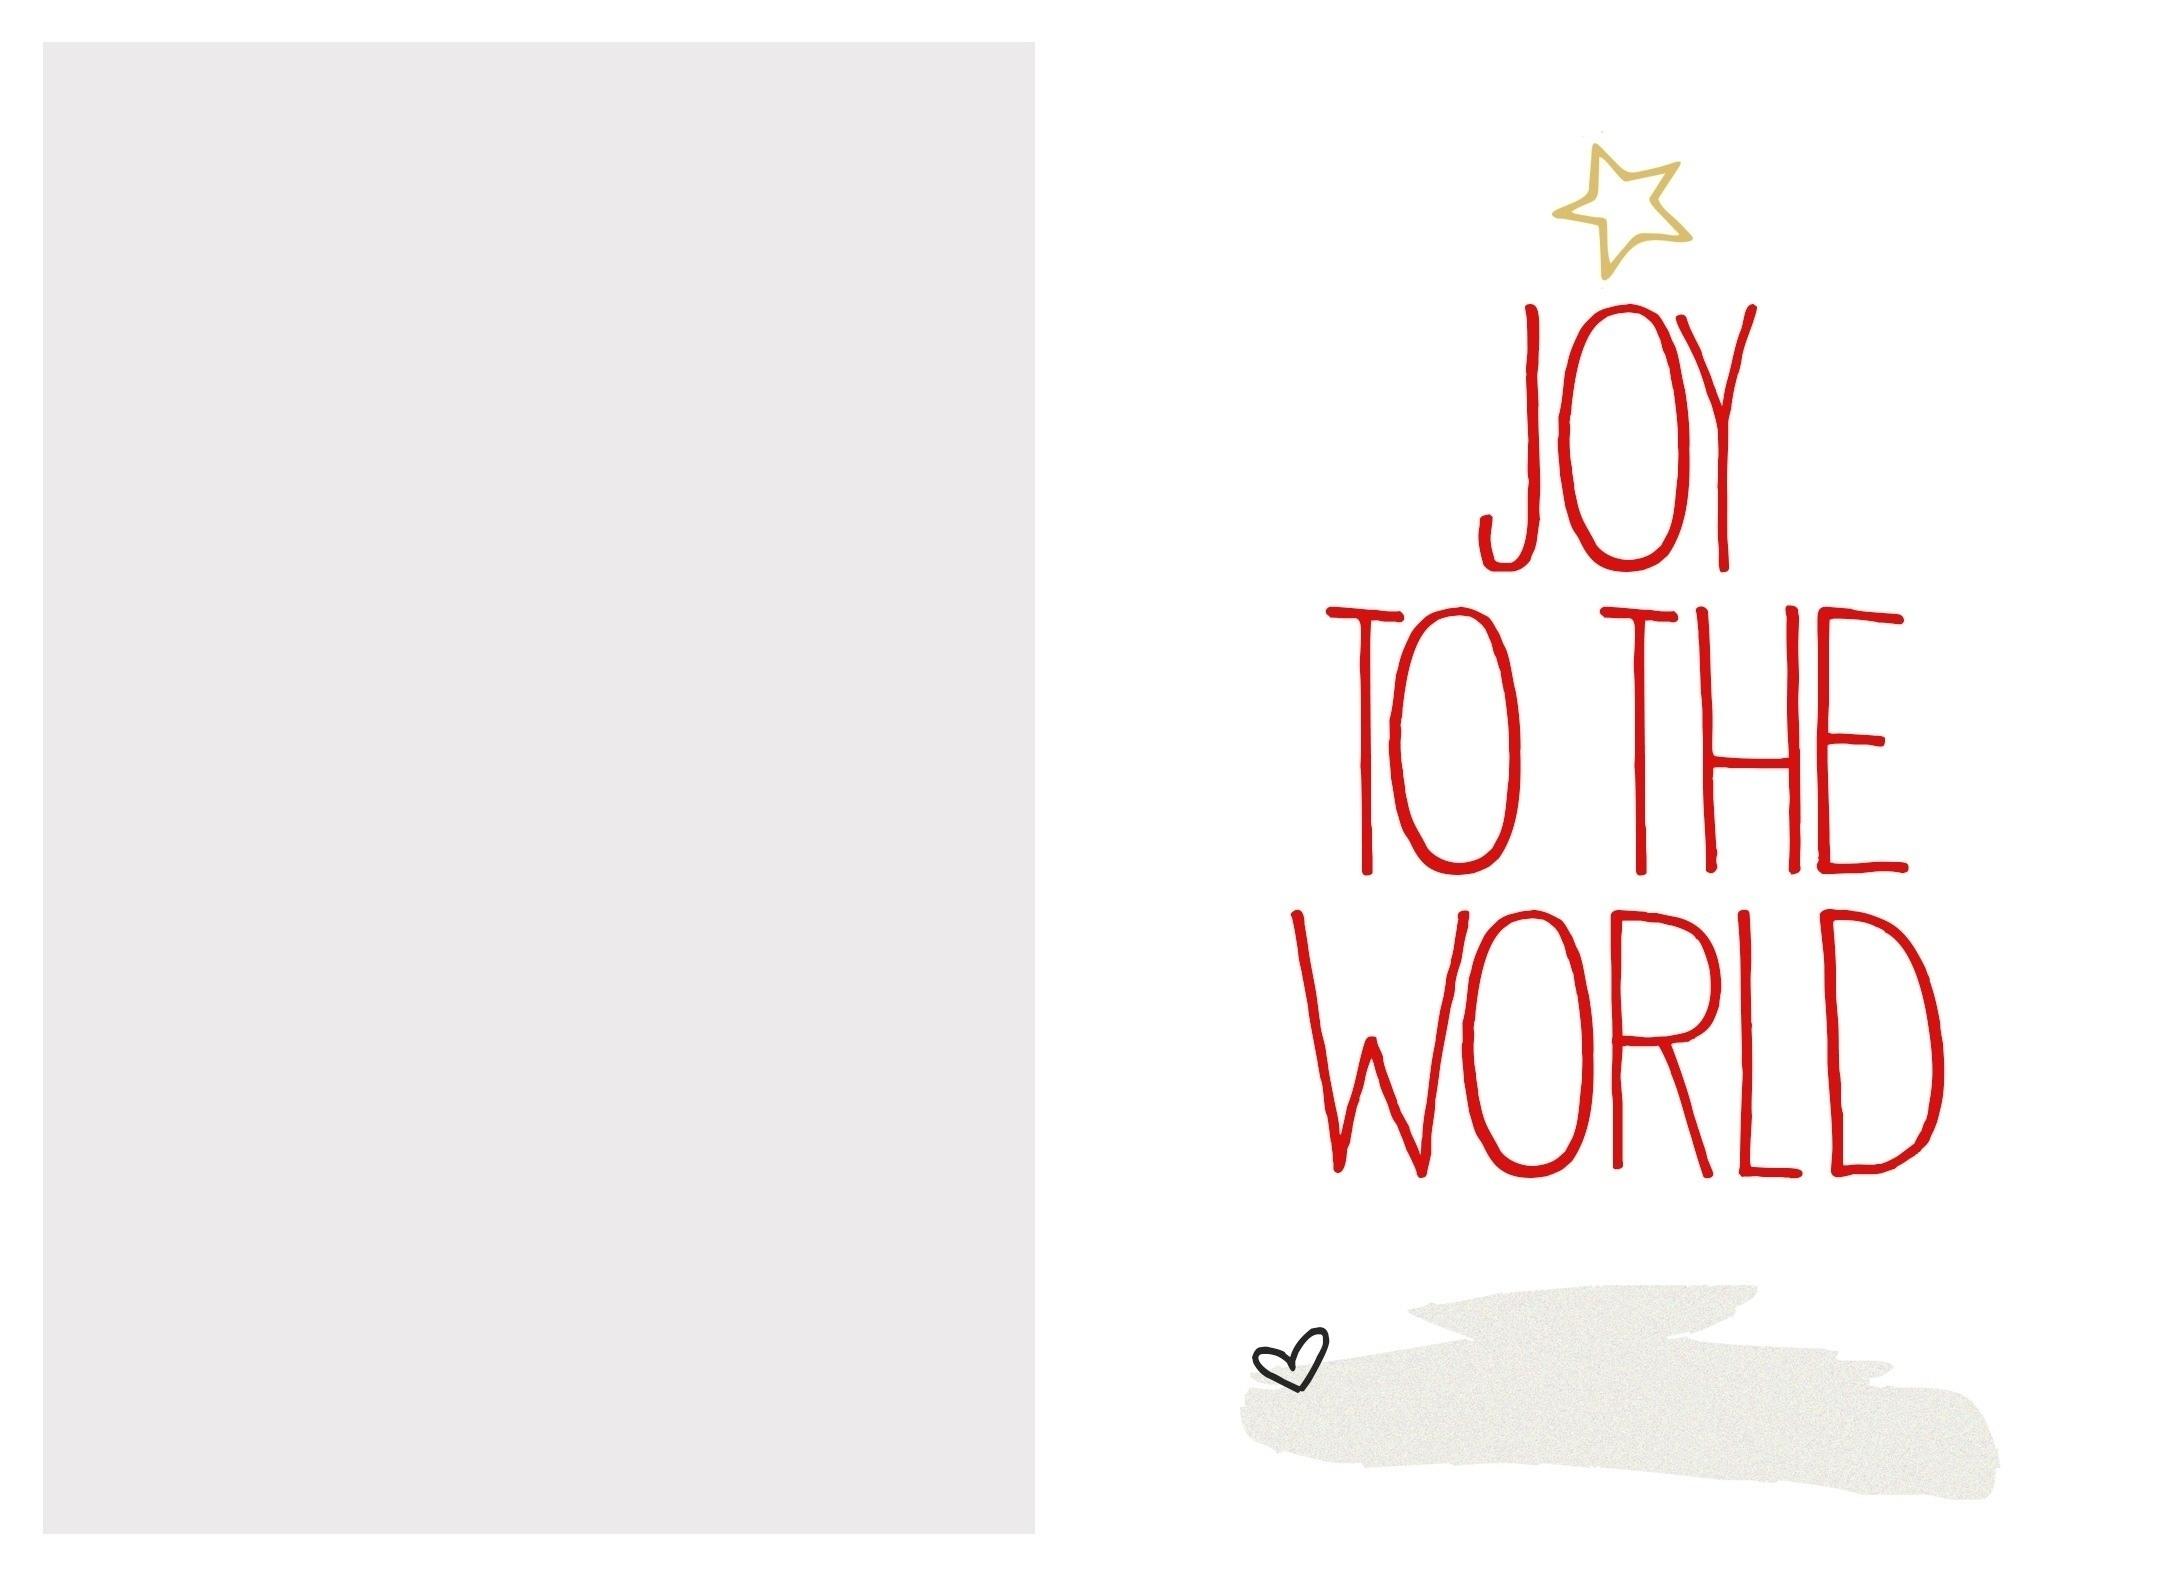 Christmas Card Templates Free Printable   Reactorread - Christmas Cards Download Free Printable